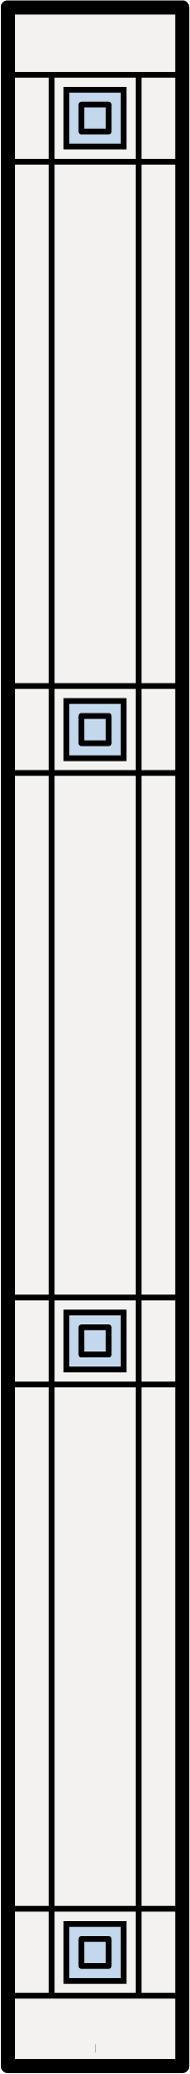 width=20